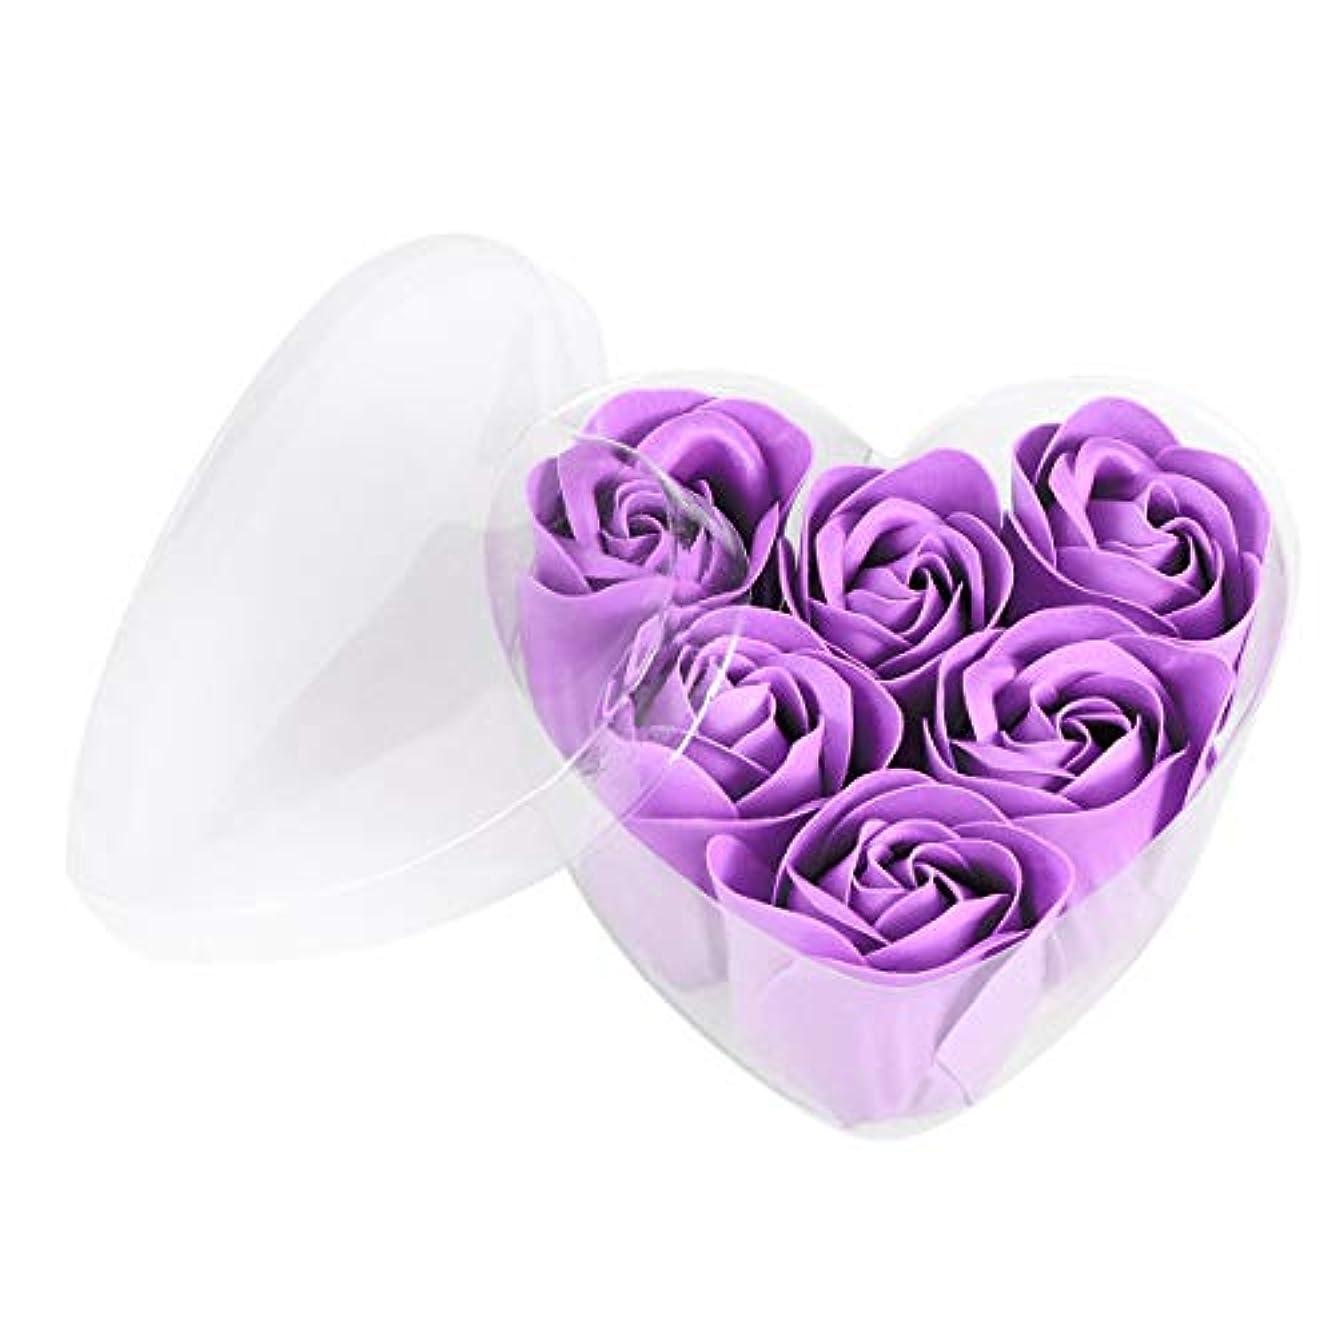 脅迫上へマウントバンクBeaupretty 6本シミュレーションローズソープハート型フラワーソープギフトボックス結婚式の誕生日Valentin's Day(紫)